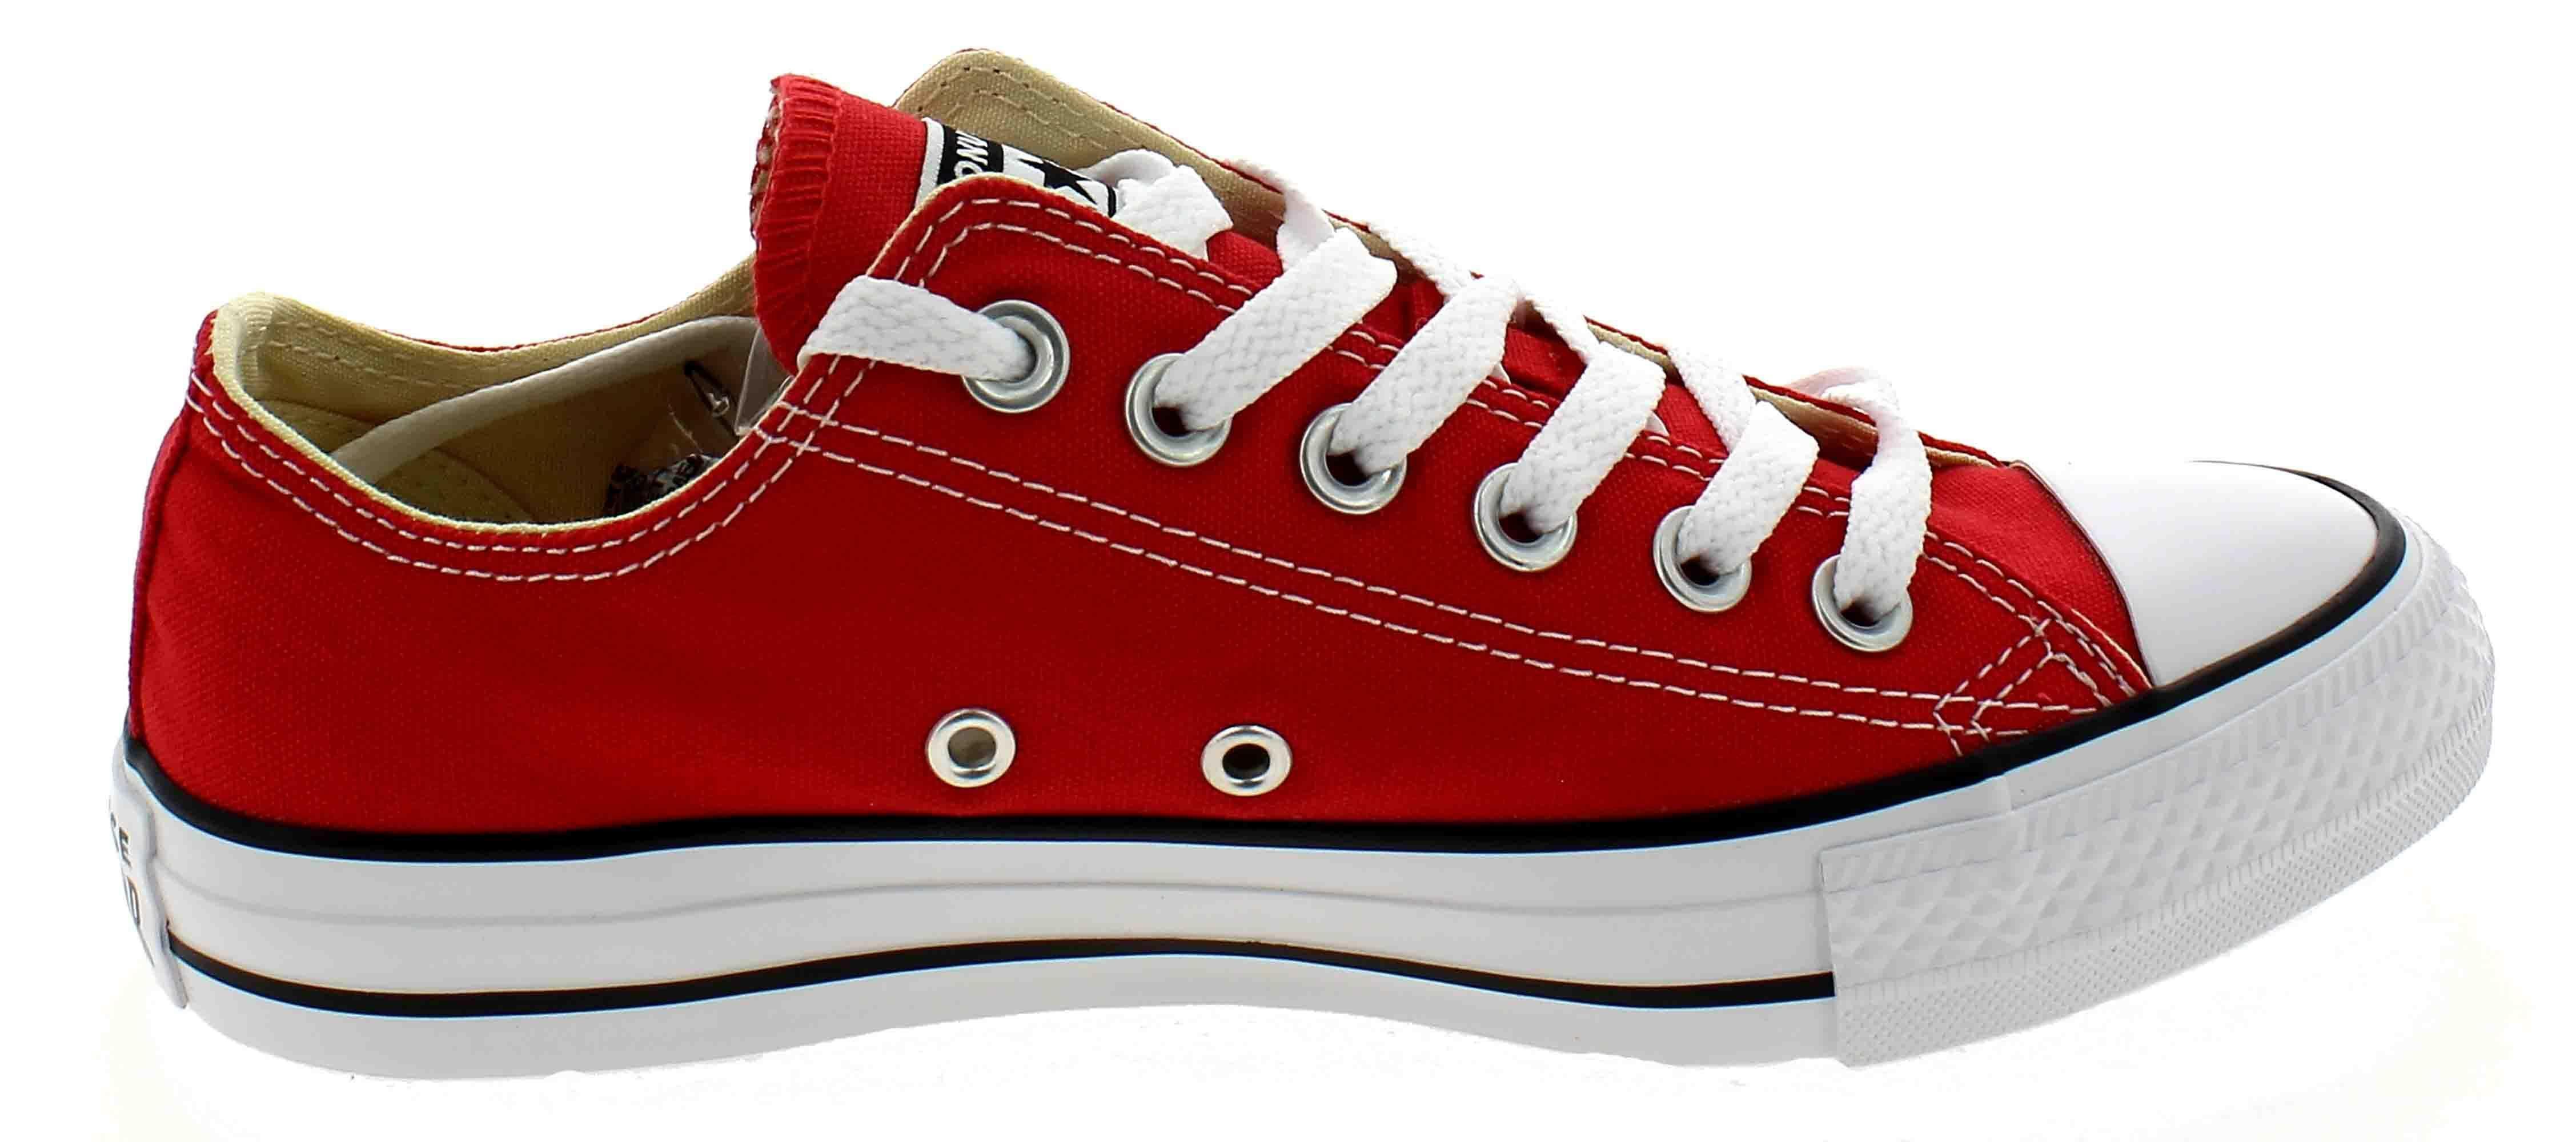 converse converse all star ox optical scarpe sportive basse rosse m9696